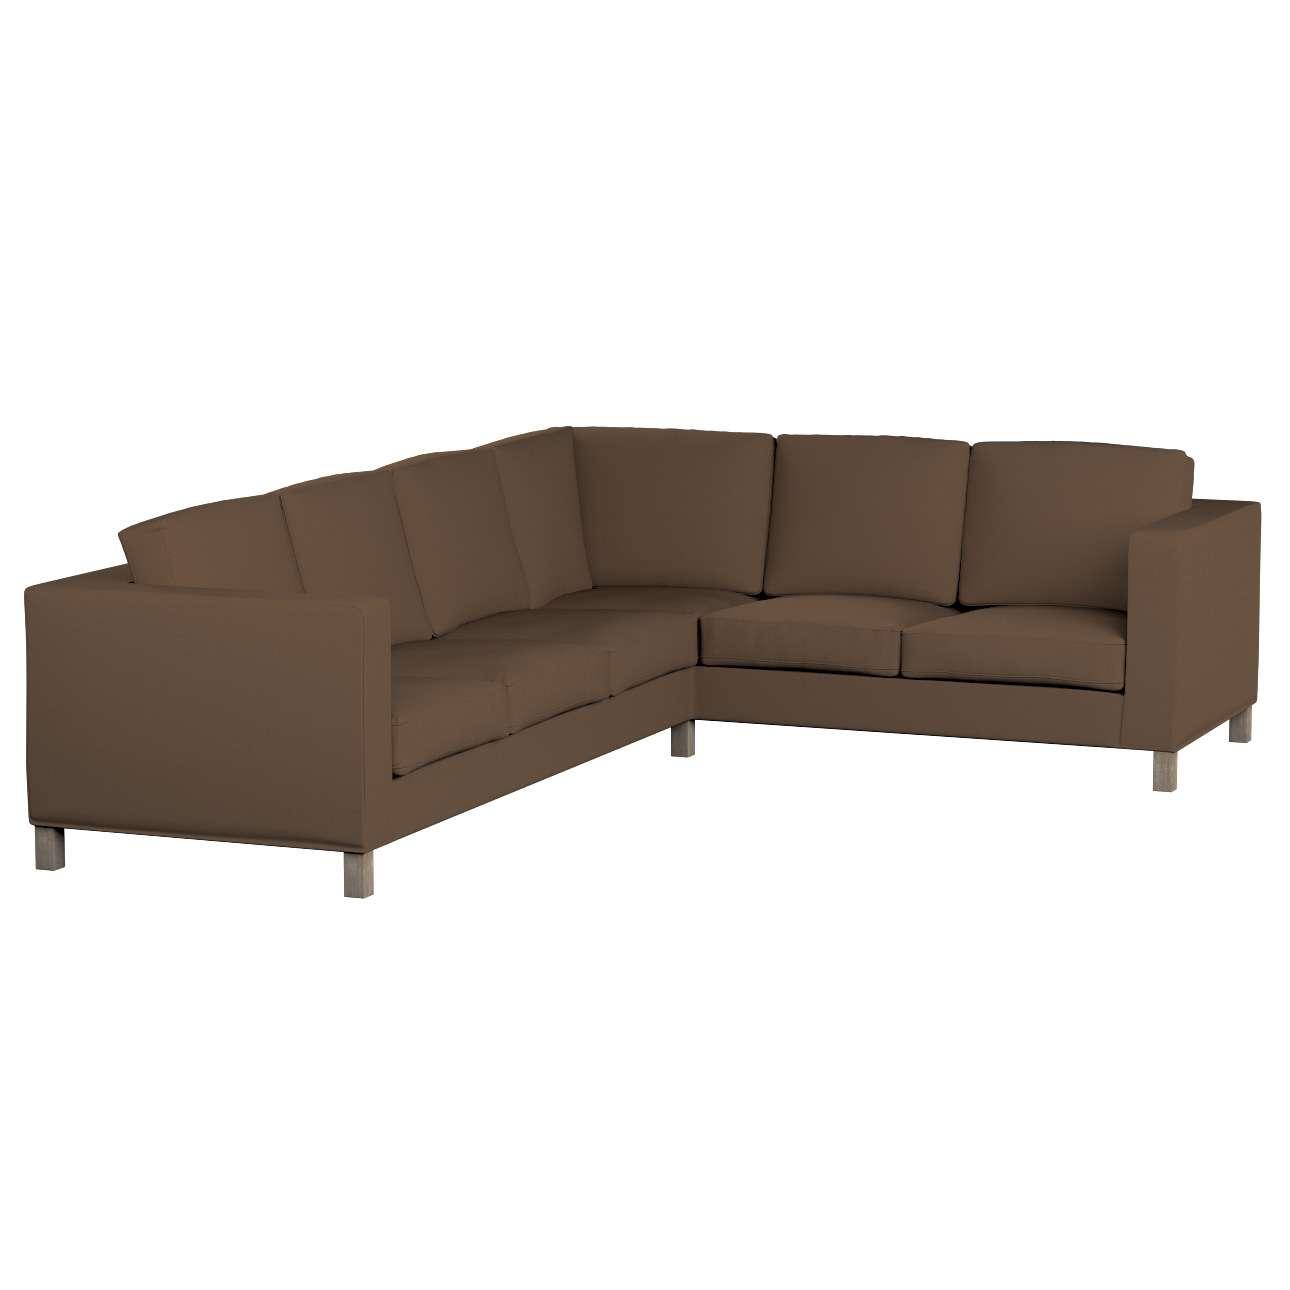 Pokrowiec na sofę narożną lewostronną Karlanda Sofa narożna lewostronna Karlanda w kolekcji Cotton Panama, tkanina: 702-02